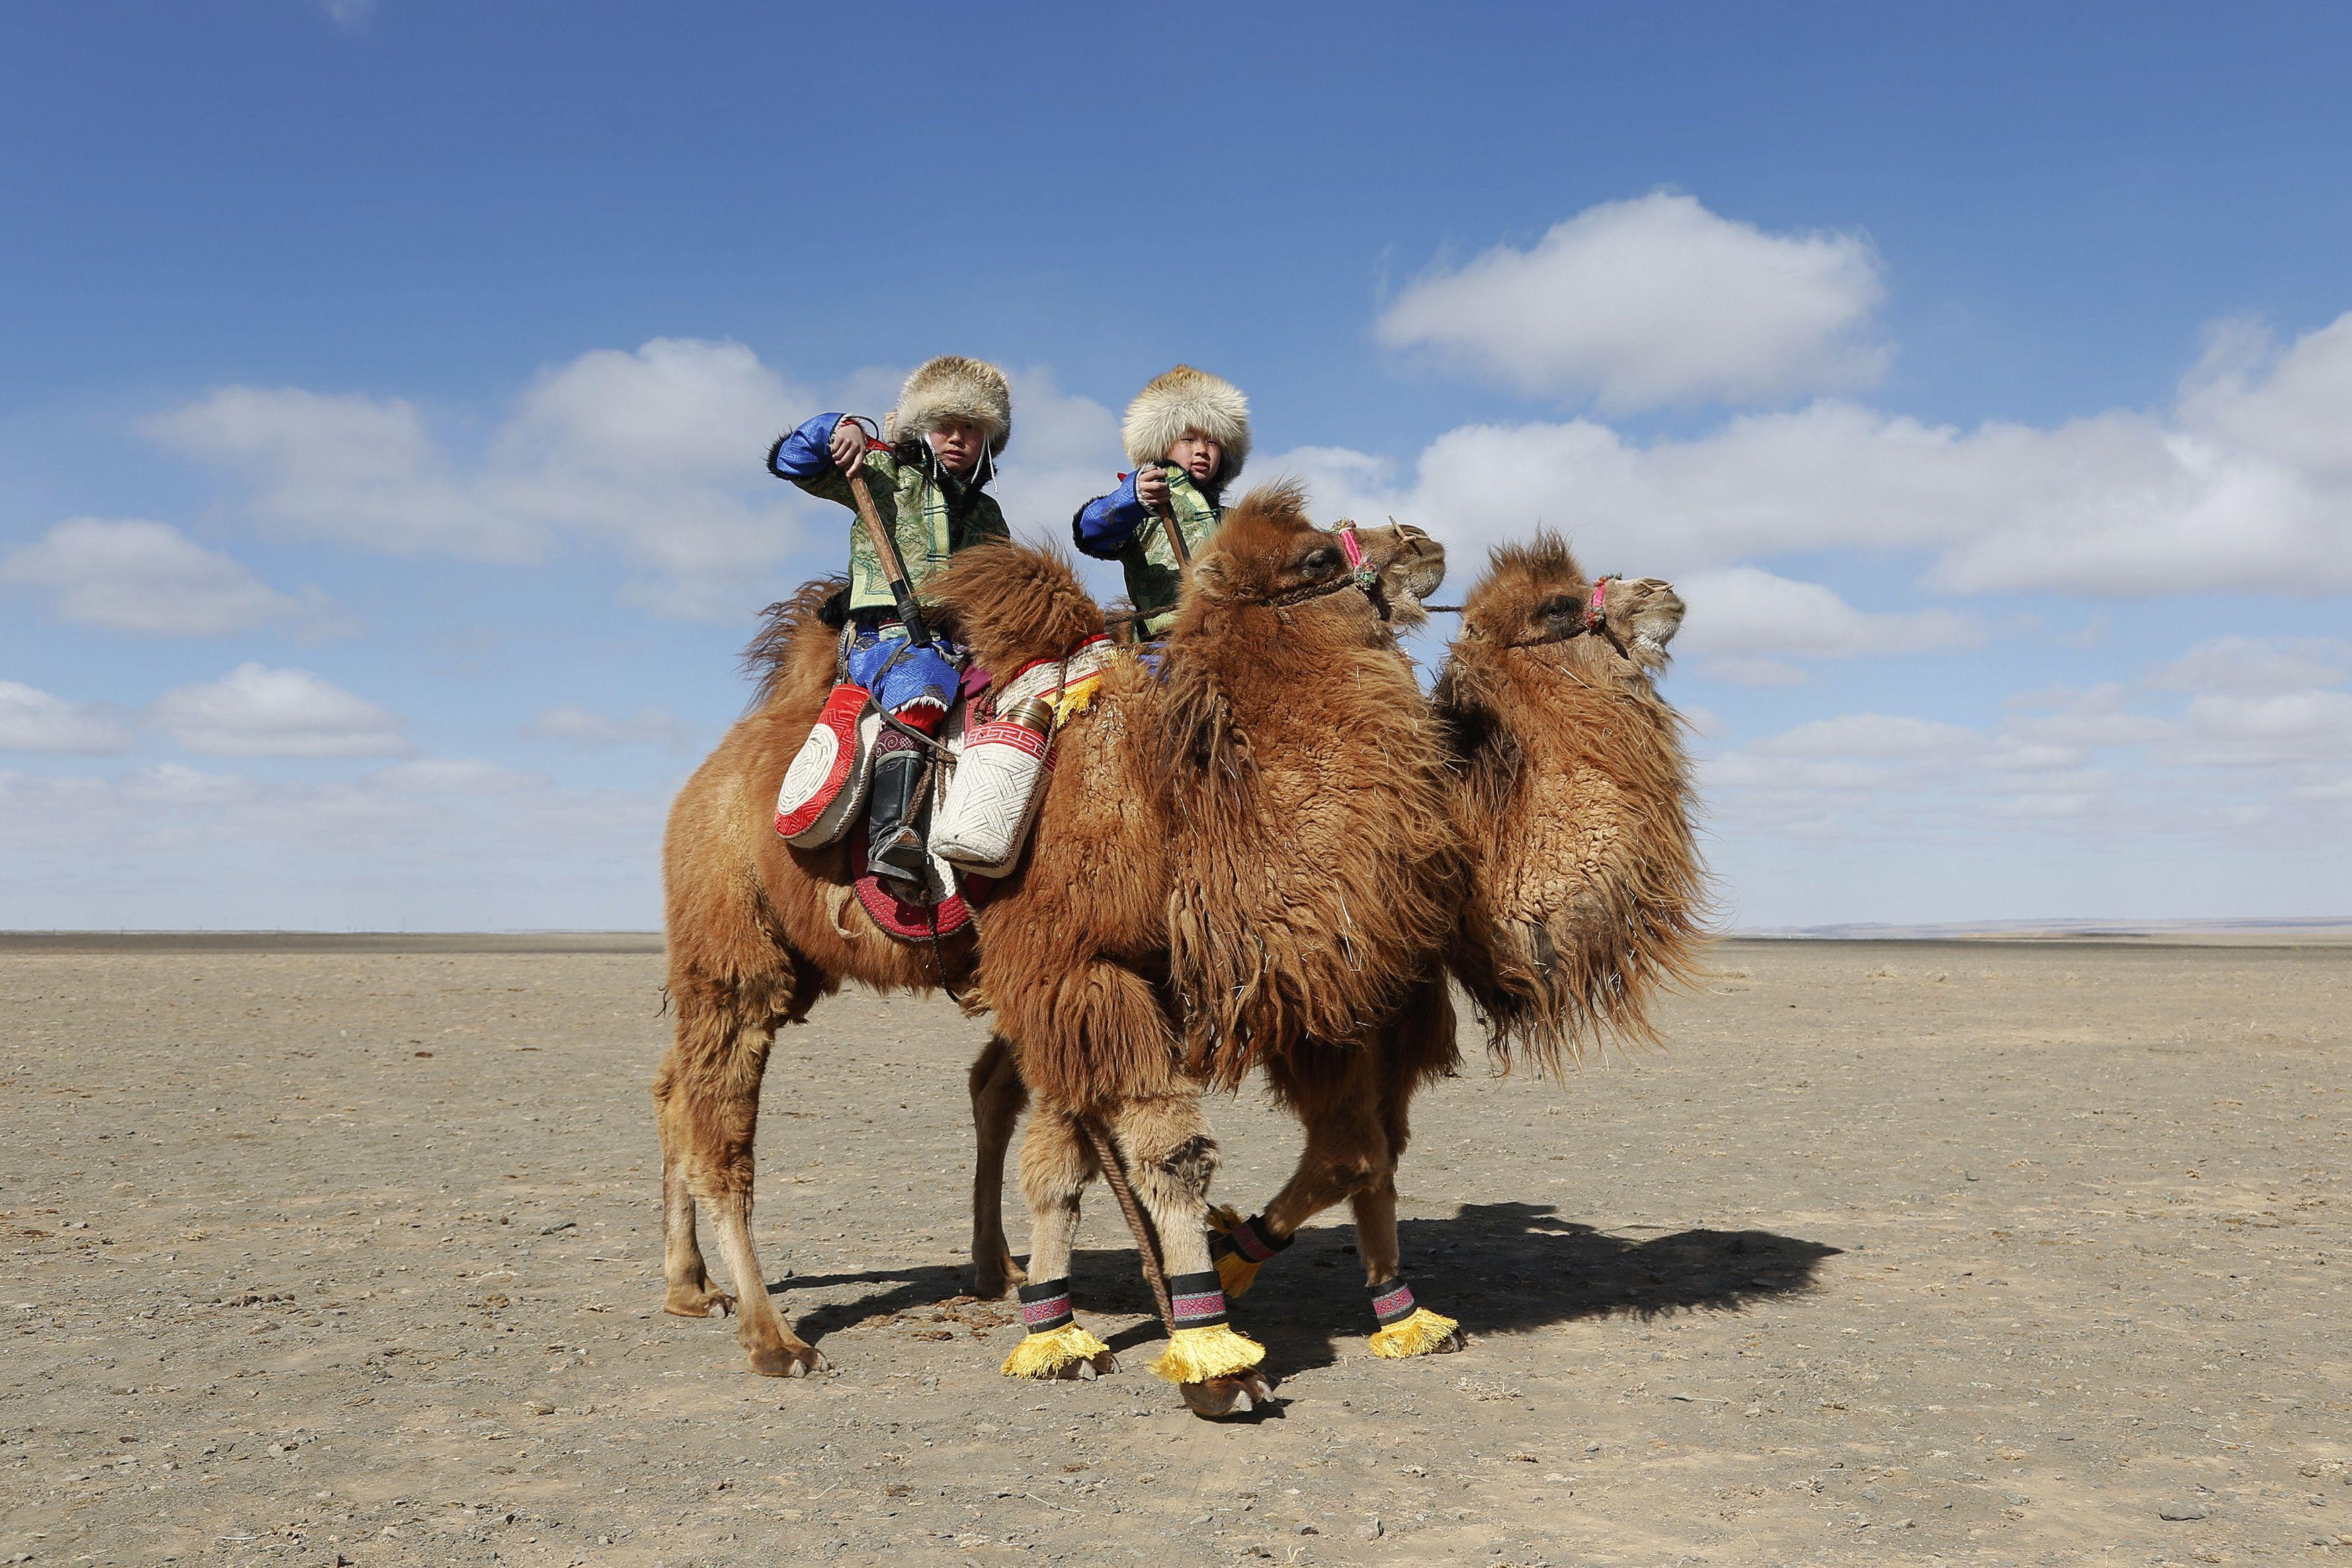 нею картинка верблюда и человека фатина это эффектное